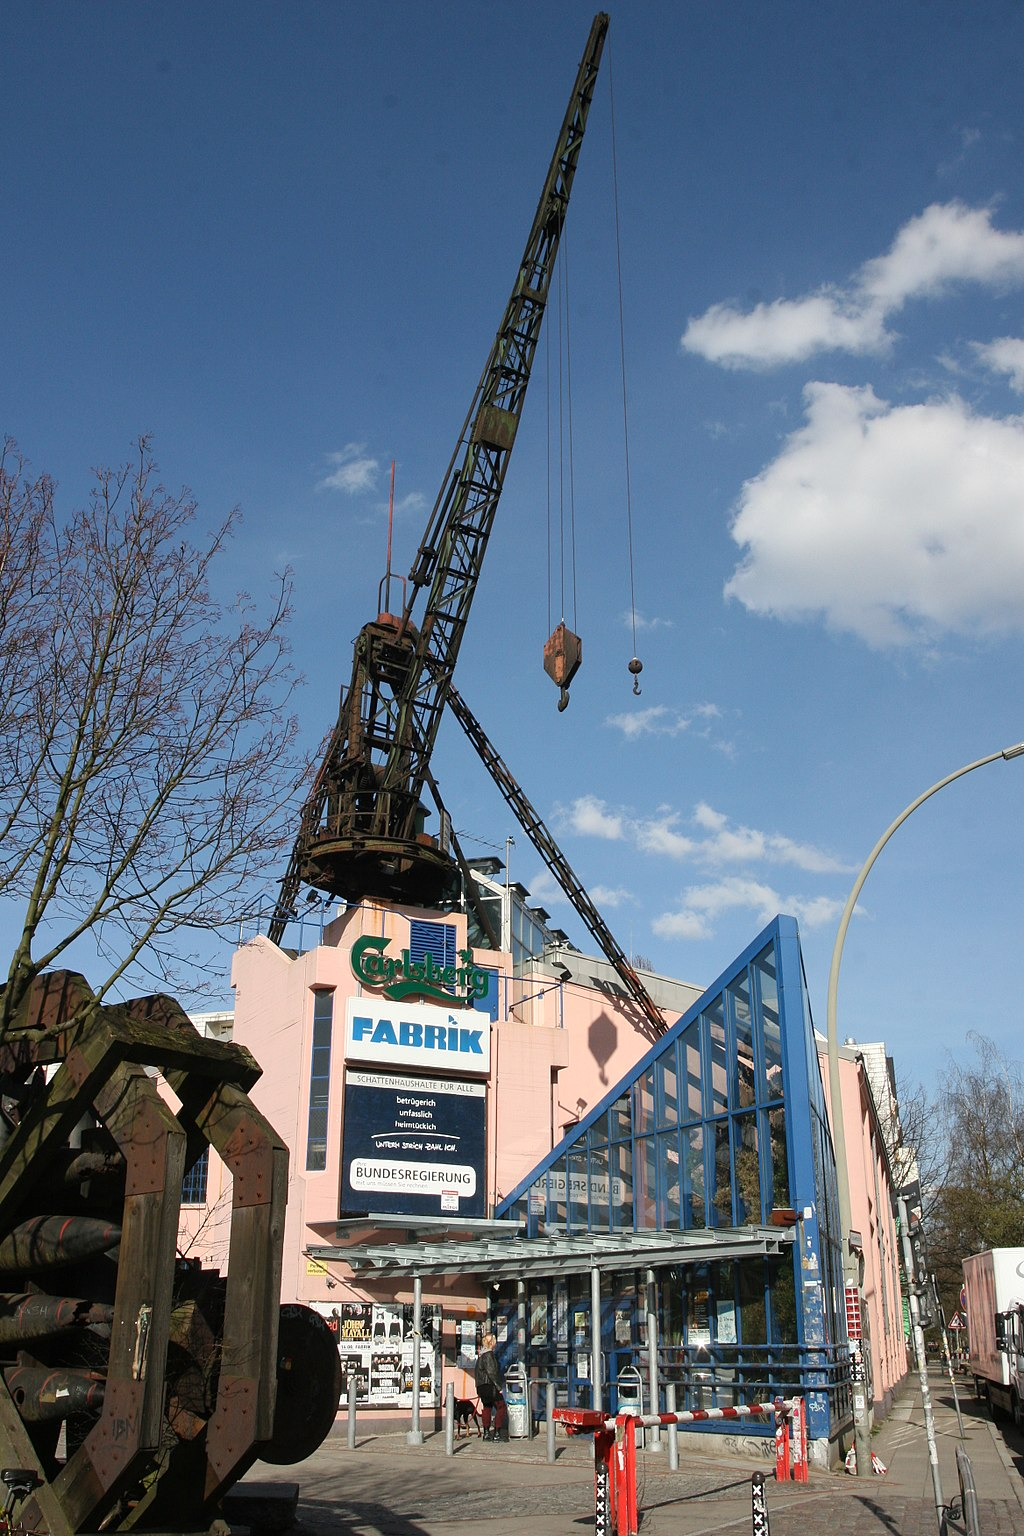 Veranstaltungszentrum Fabrik in Hamburg-Ottensen